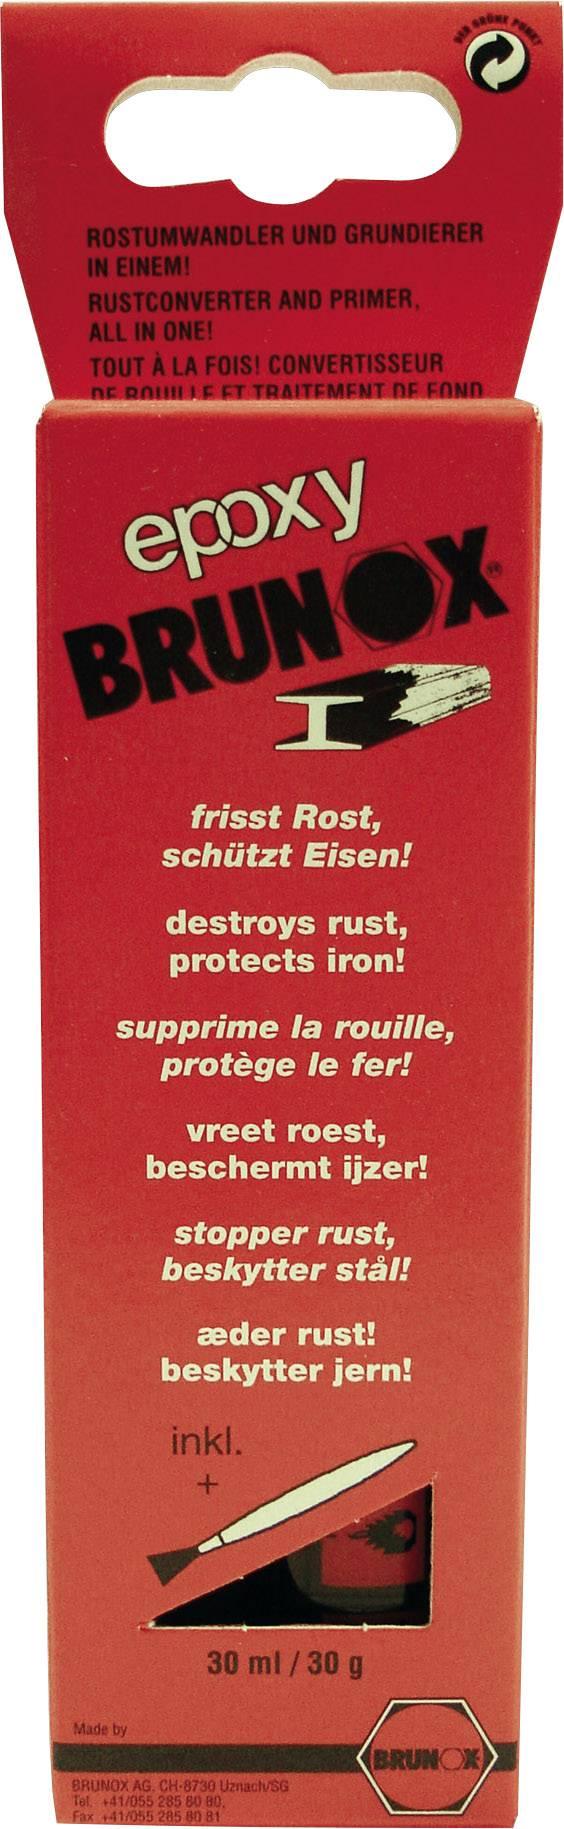 Sprej pro opravy zrezivělých míst Brunox Epoxy, BRO,03EP, 30 ml